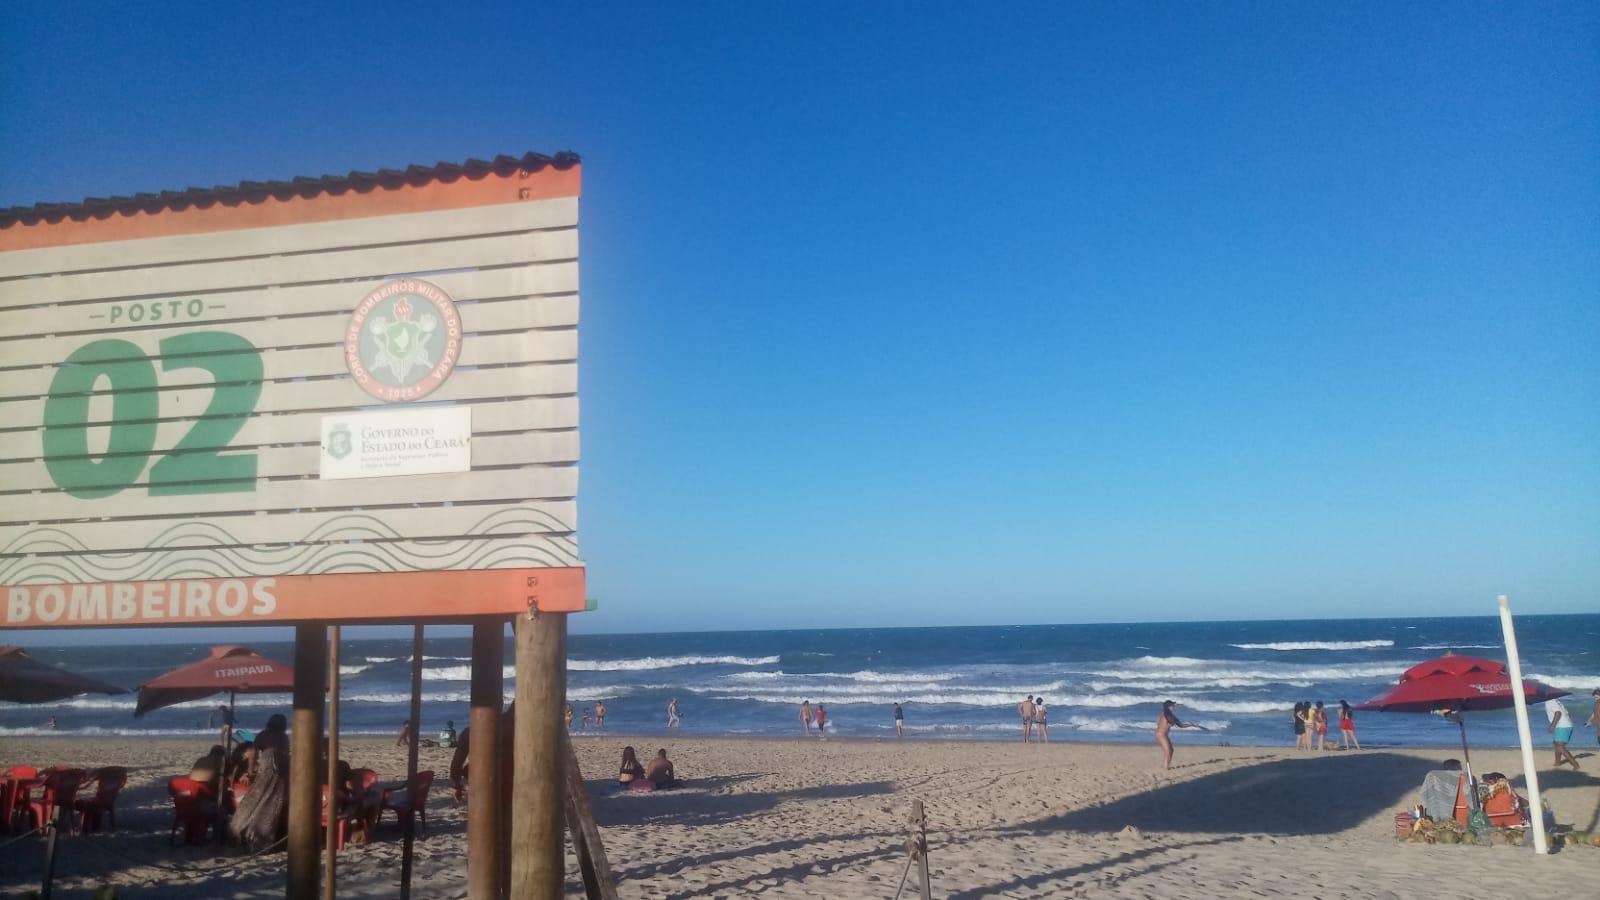 Atuação do Corpo de Bombeiros salva 18 vidas em praia de Fortaleza